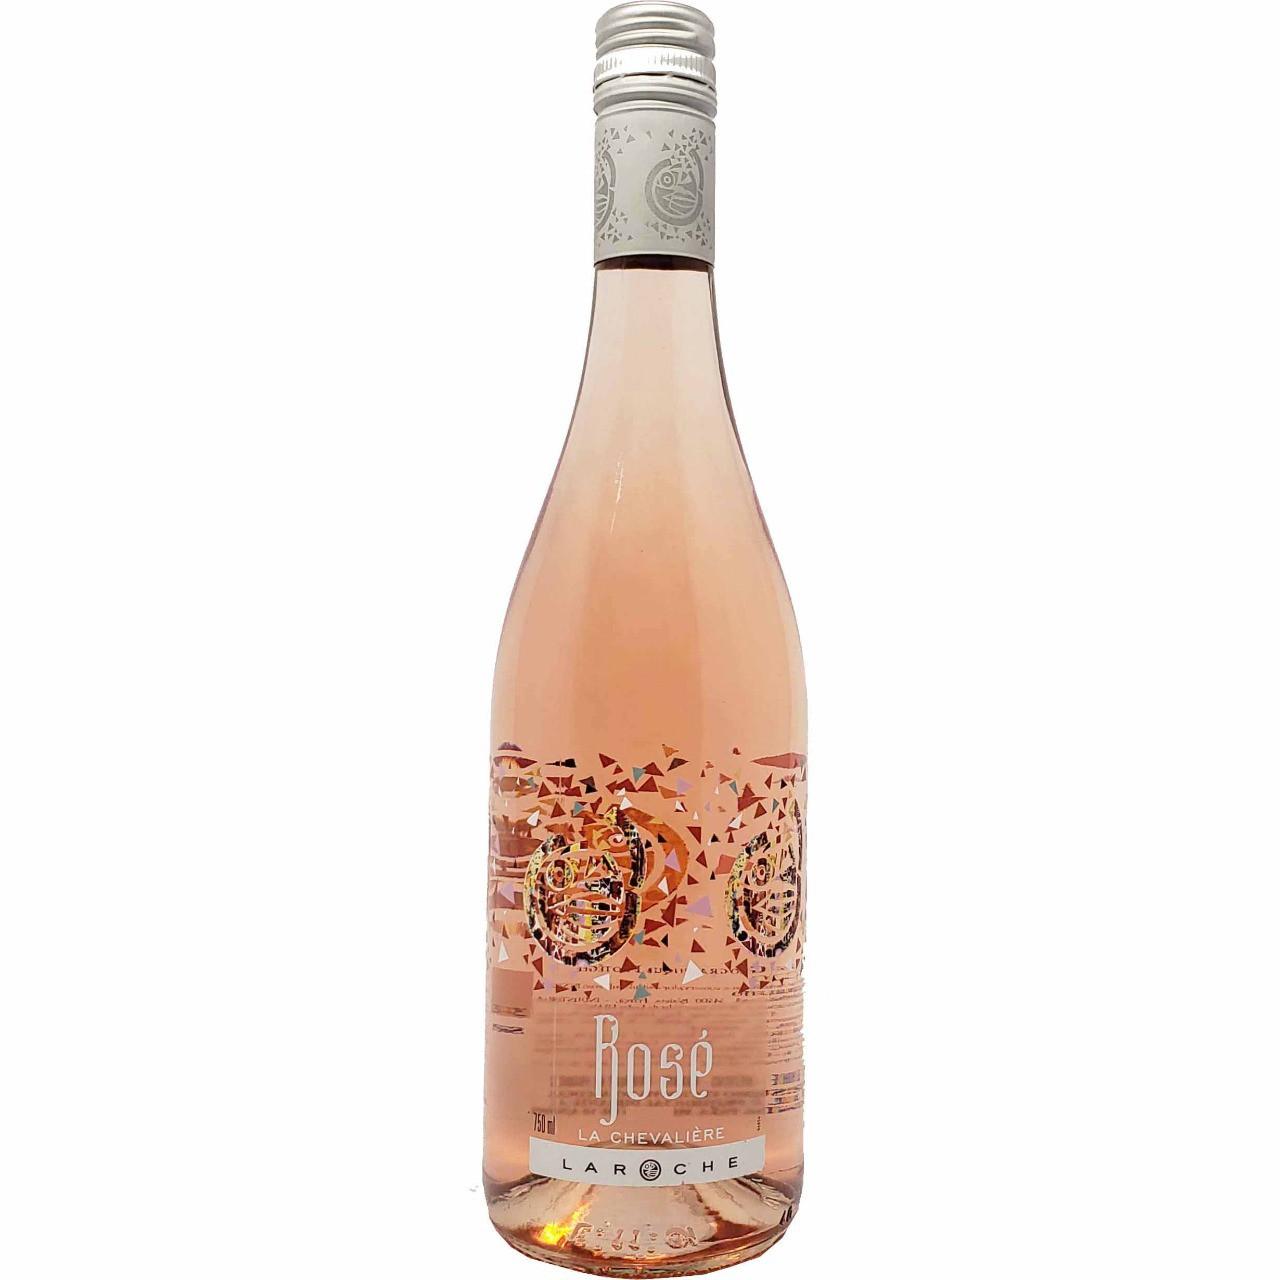 Vinho Rosé La Chevalière Laroche - 750ml -